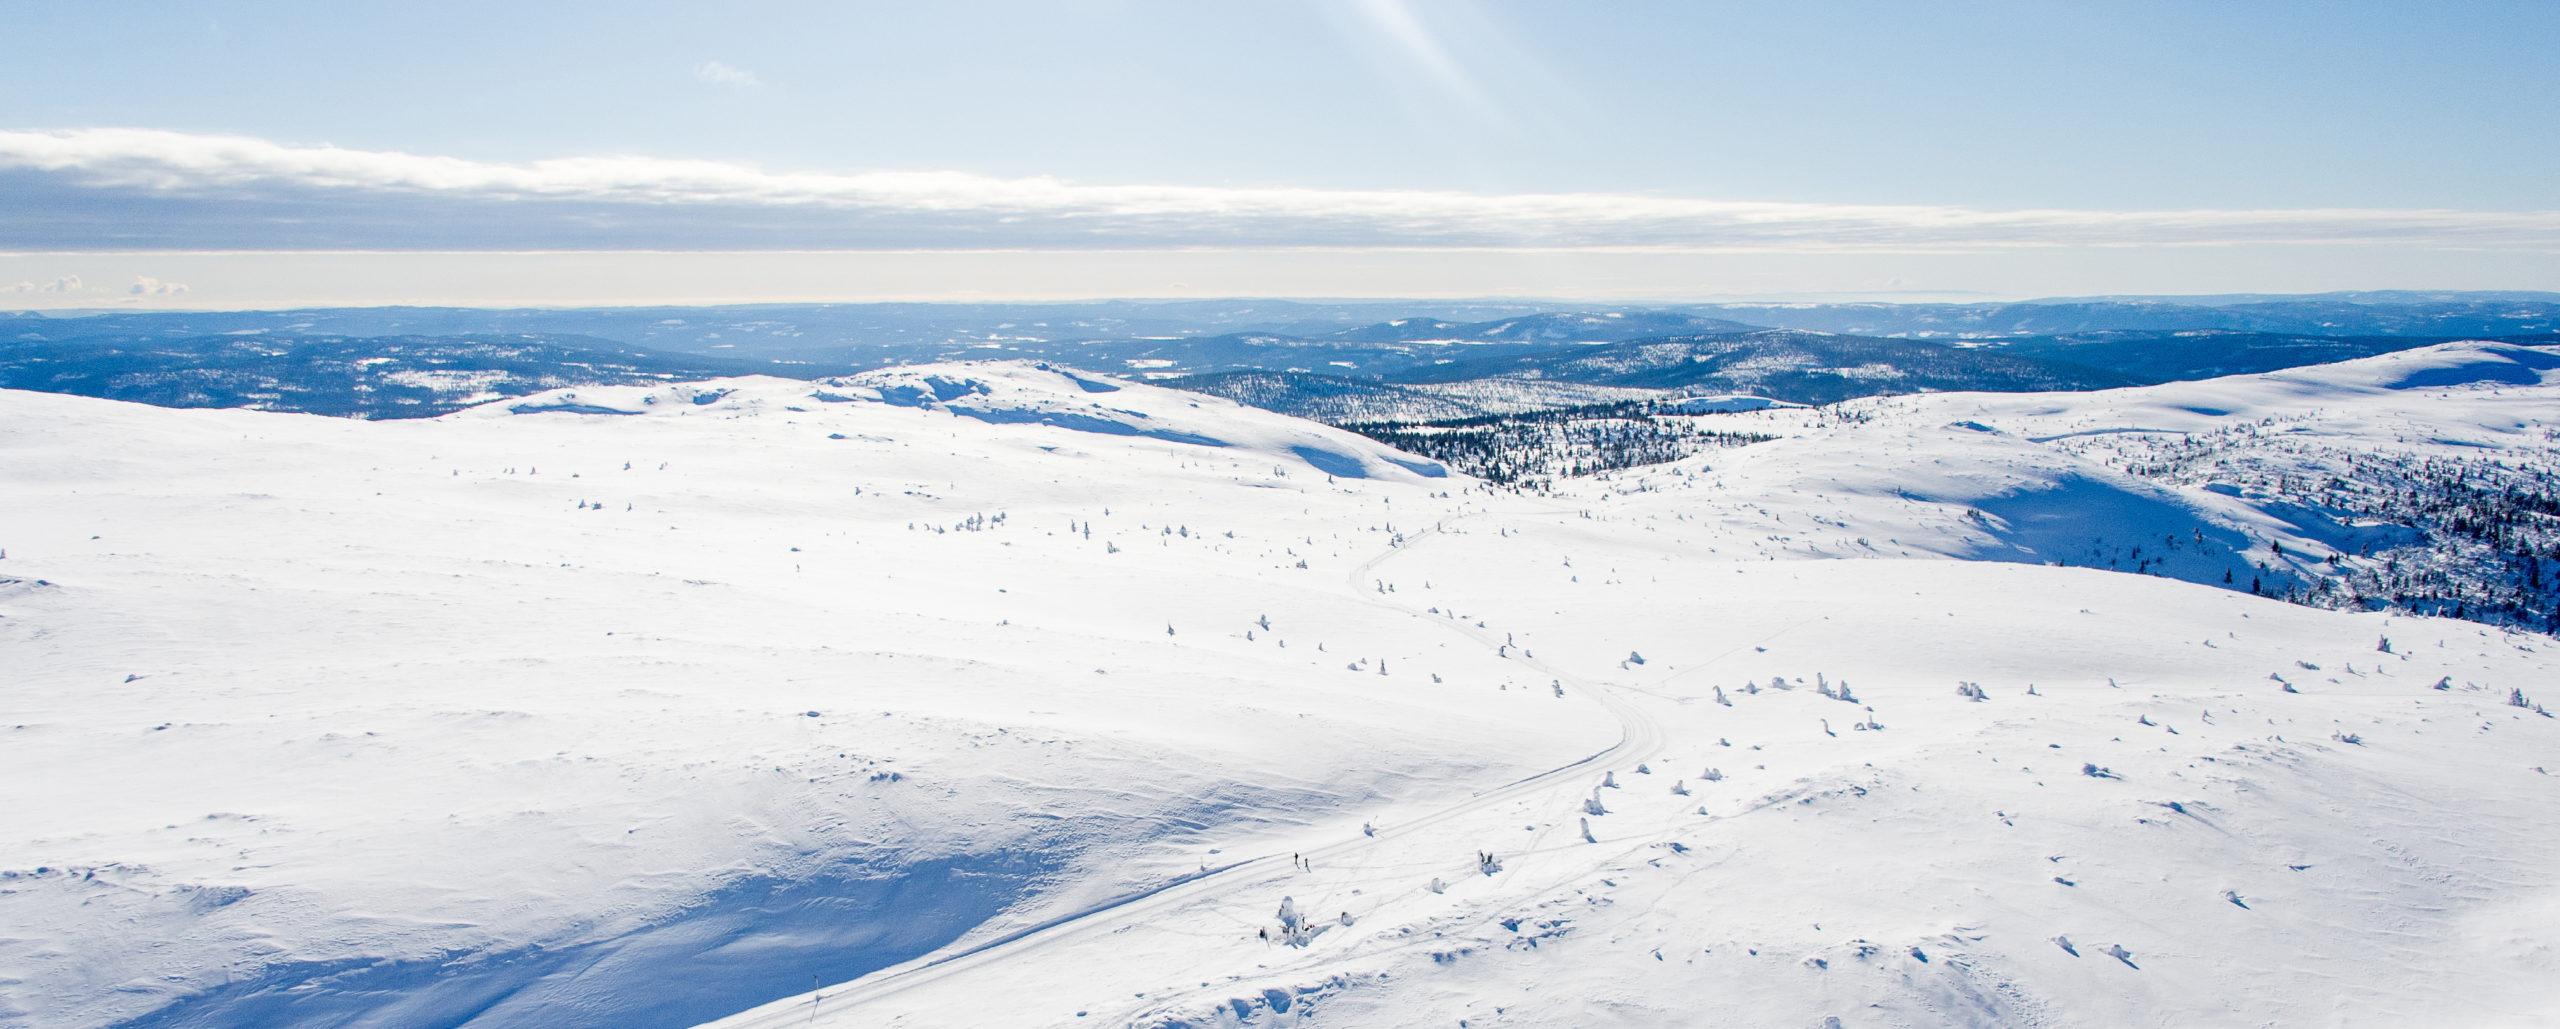 Bilde av alpinbakkene i Trysil